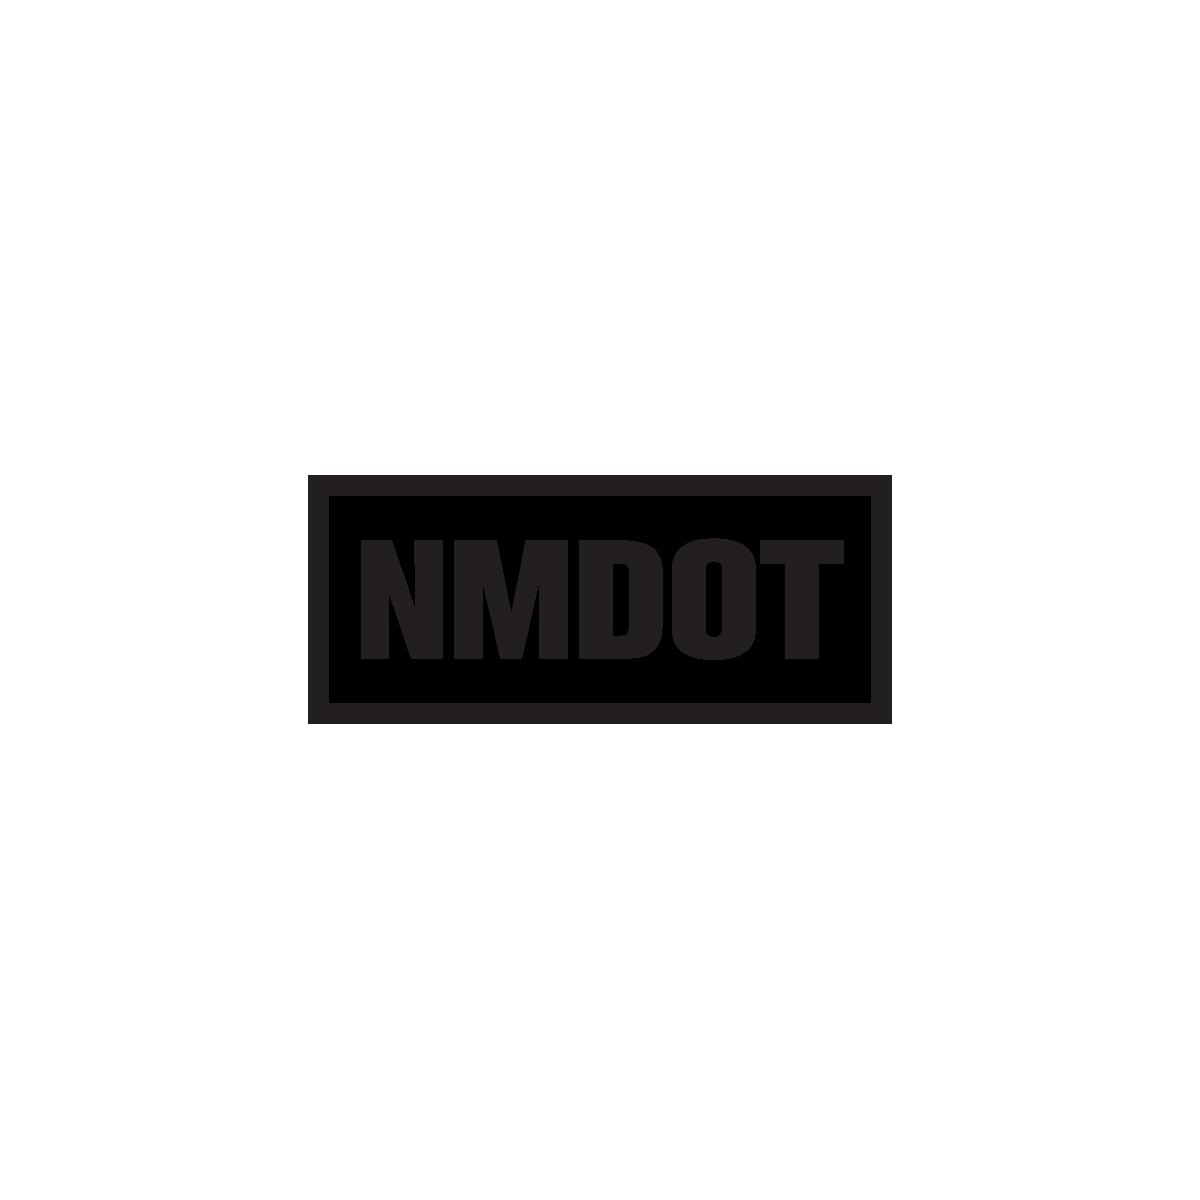 nmdot.png